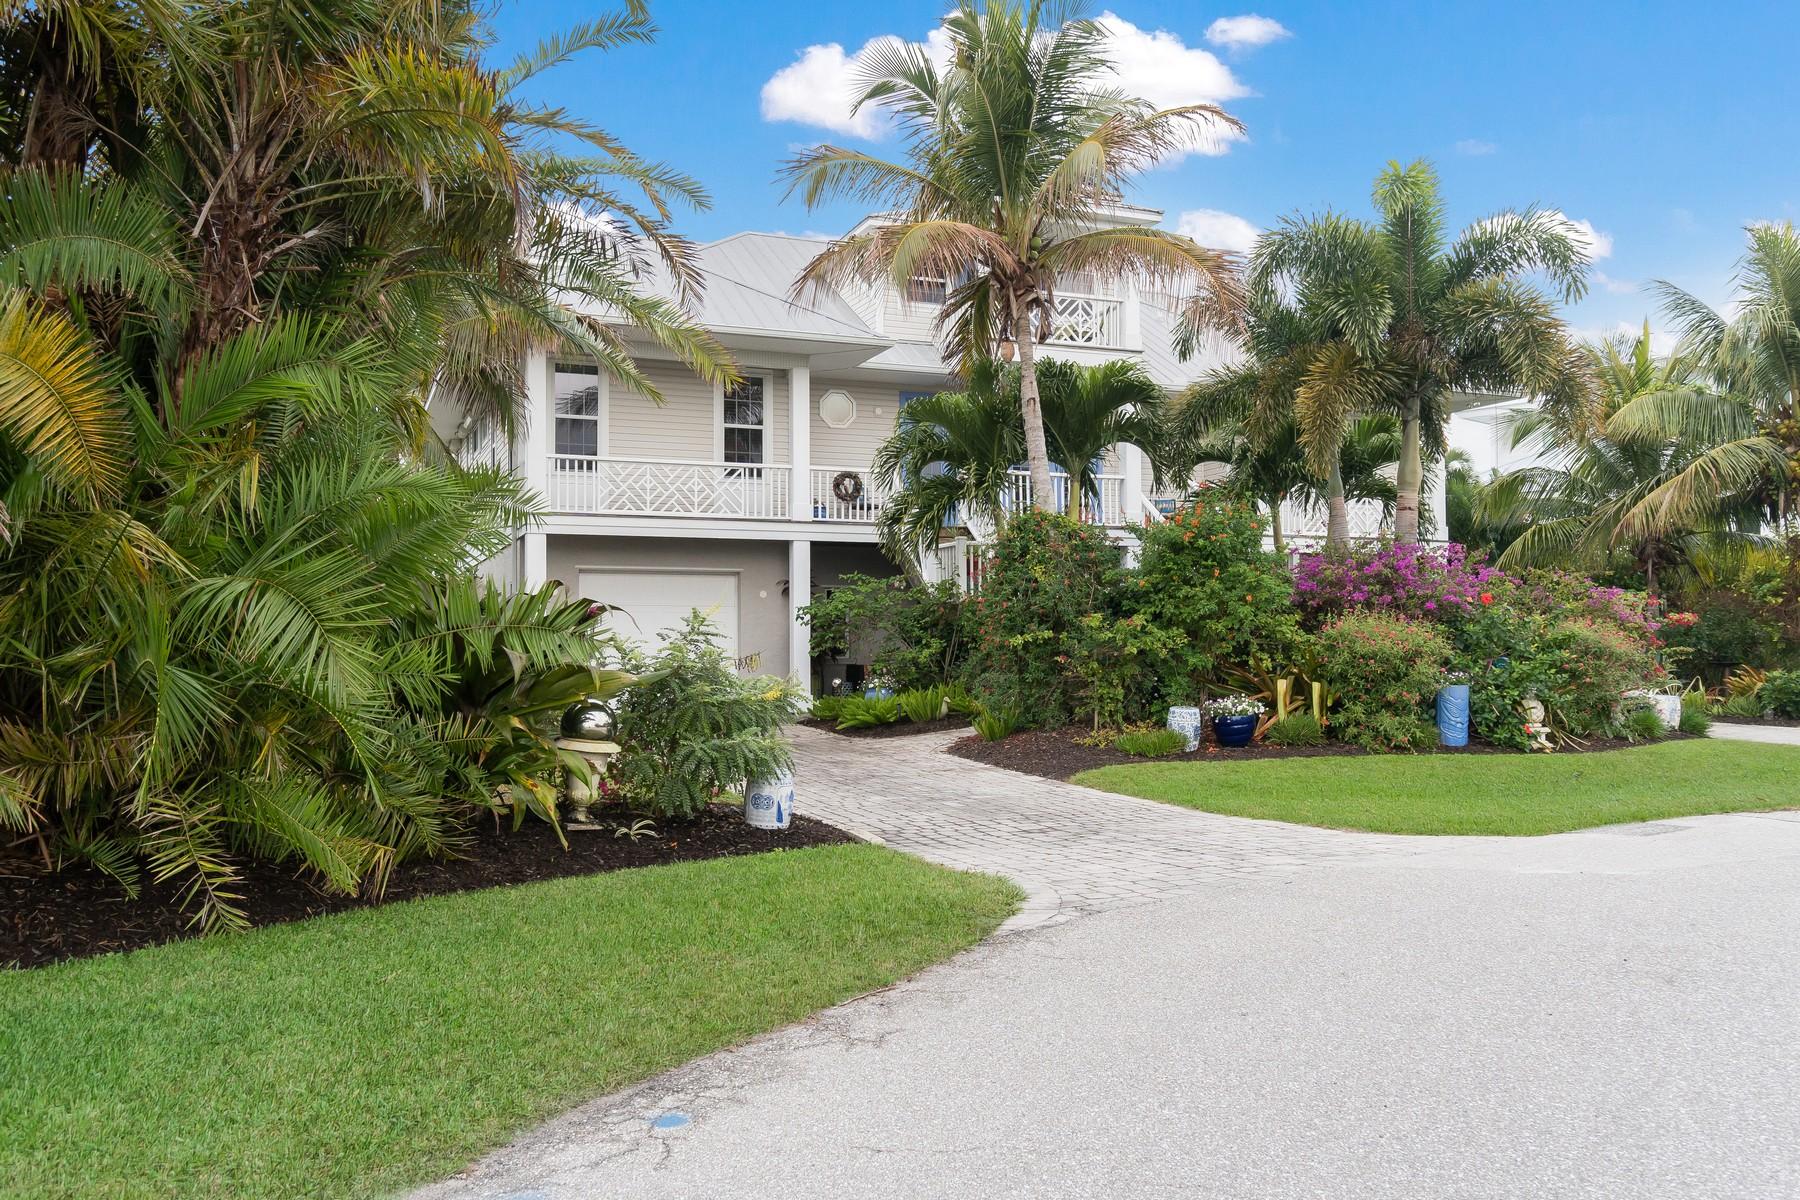 Maison unifamiliale pour l à vendre à 9891 NE Gasparilla Pass Blvd 9891 NE Gasparilla Pass Blvd., Boca Grande, Florida, 33921 États-Unis